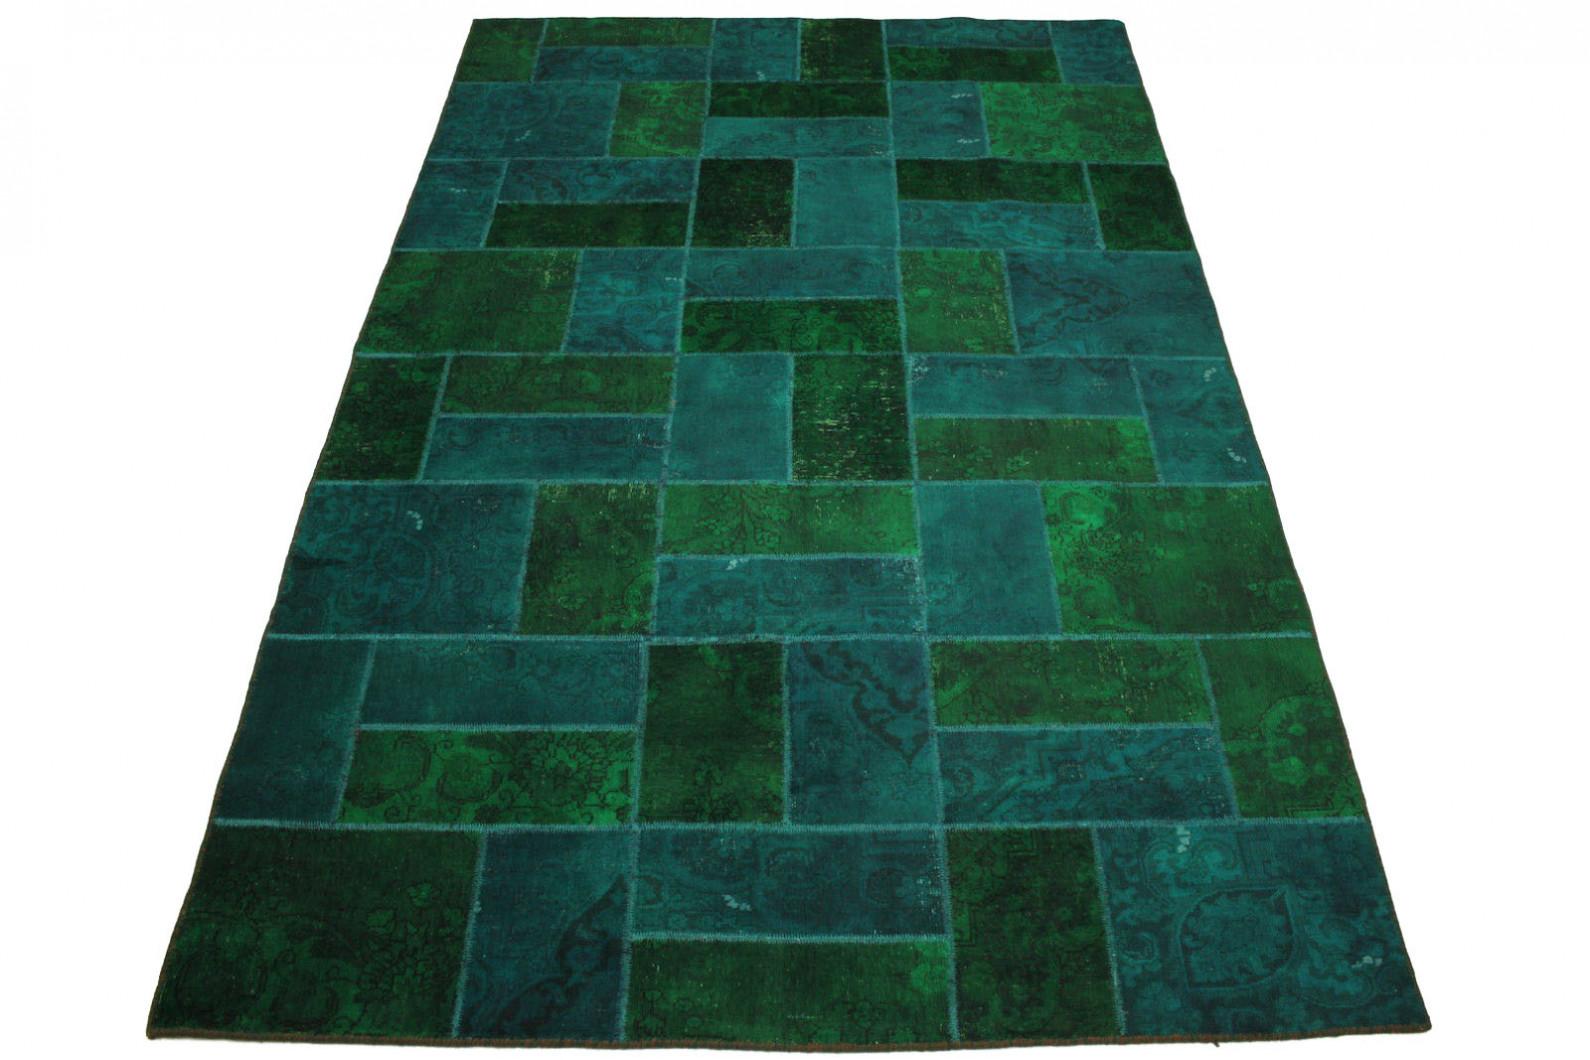 Patchwork teppich grün türkis in 310x200cm (1001 1856) bei ...